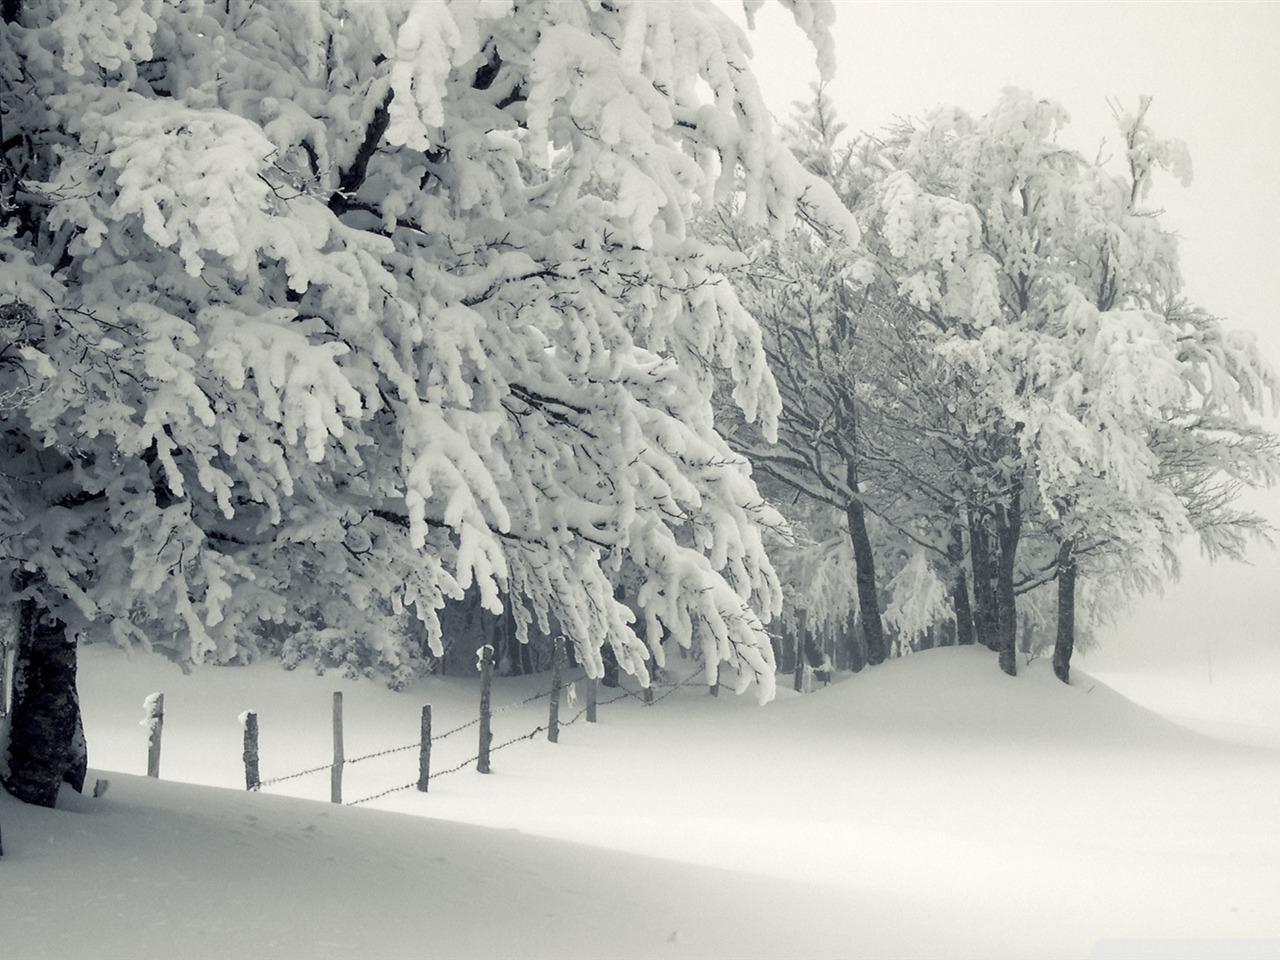 下雪 寒冷的冬季风景桌面图片